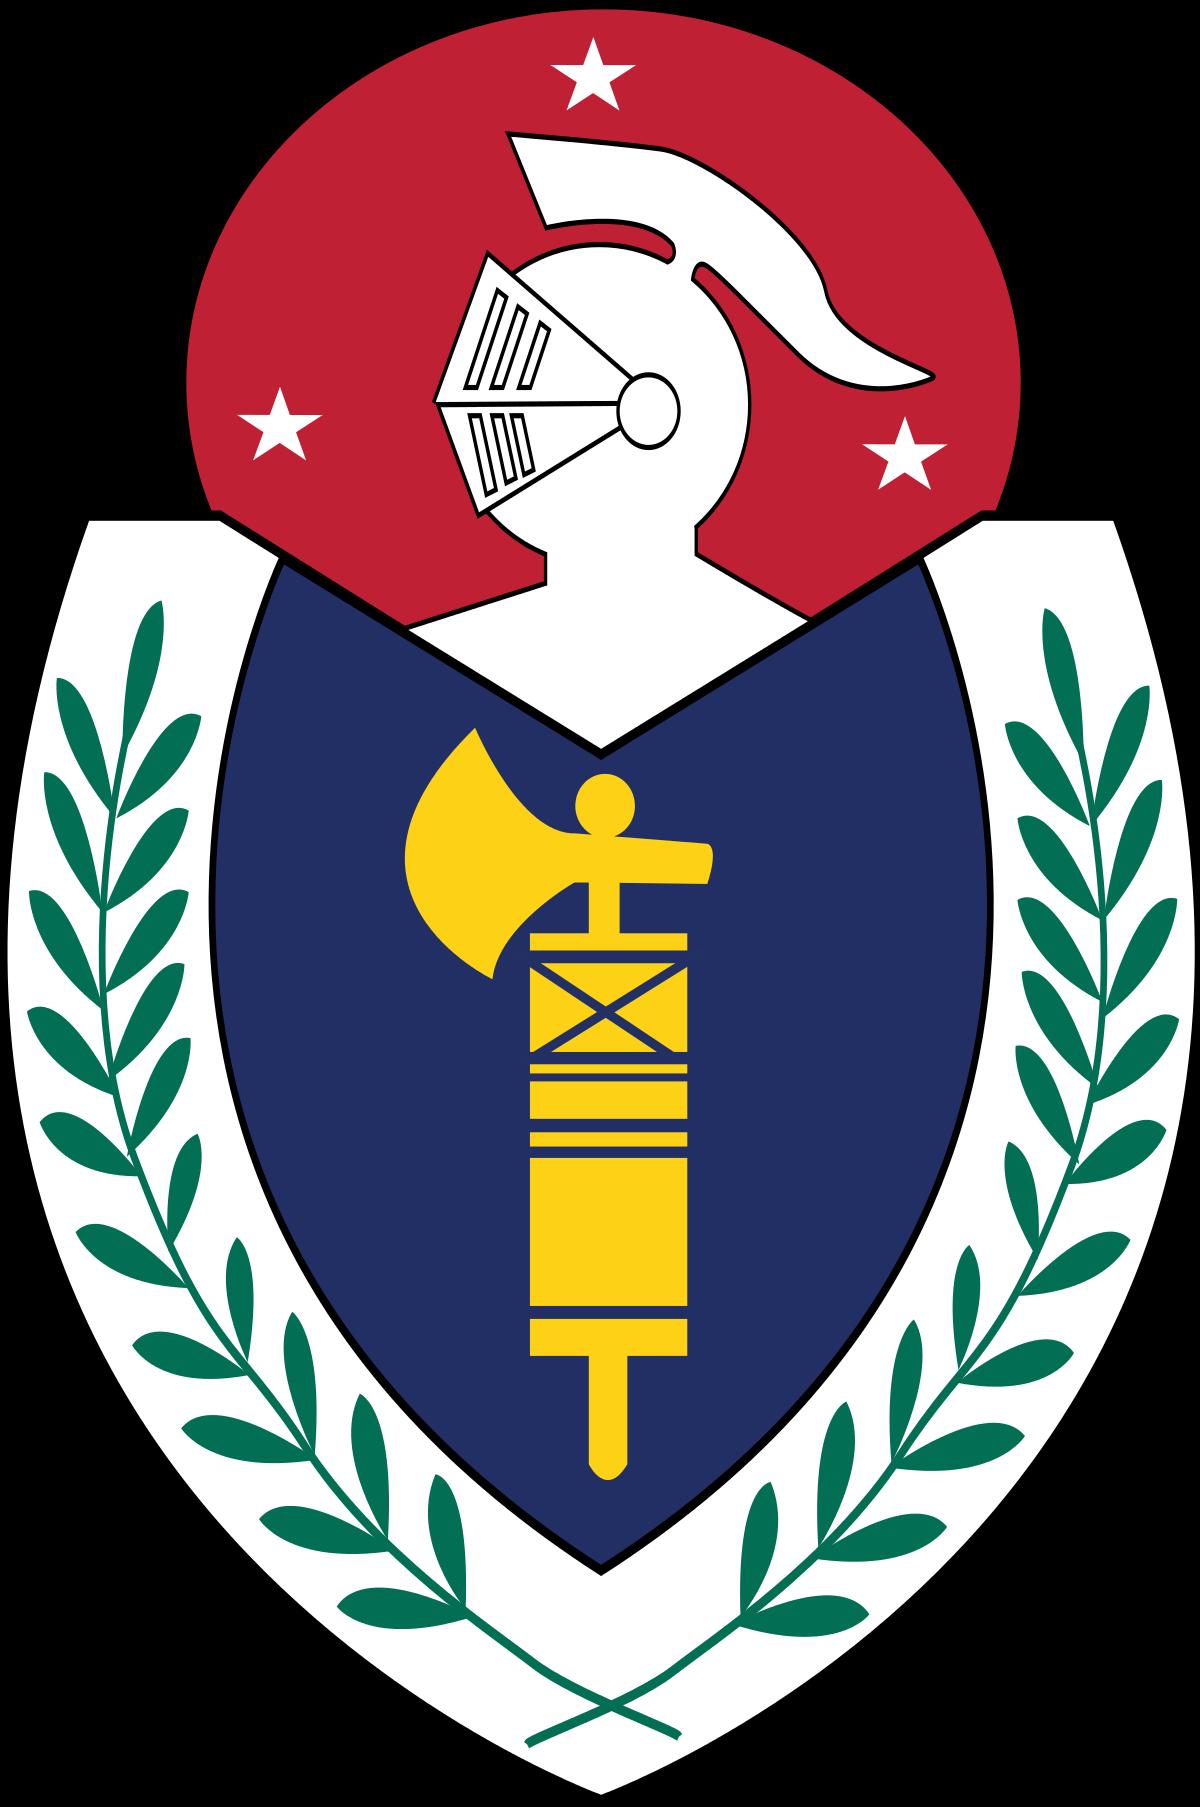 respect clipart symbol filipino